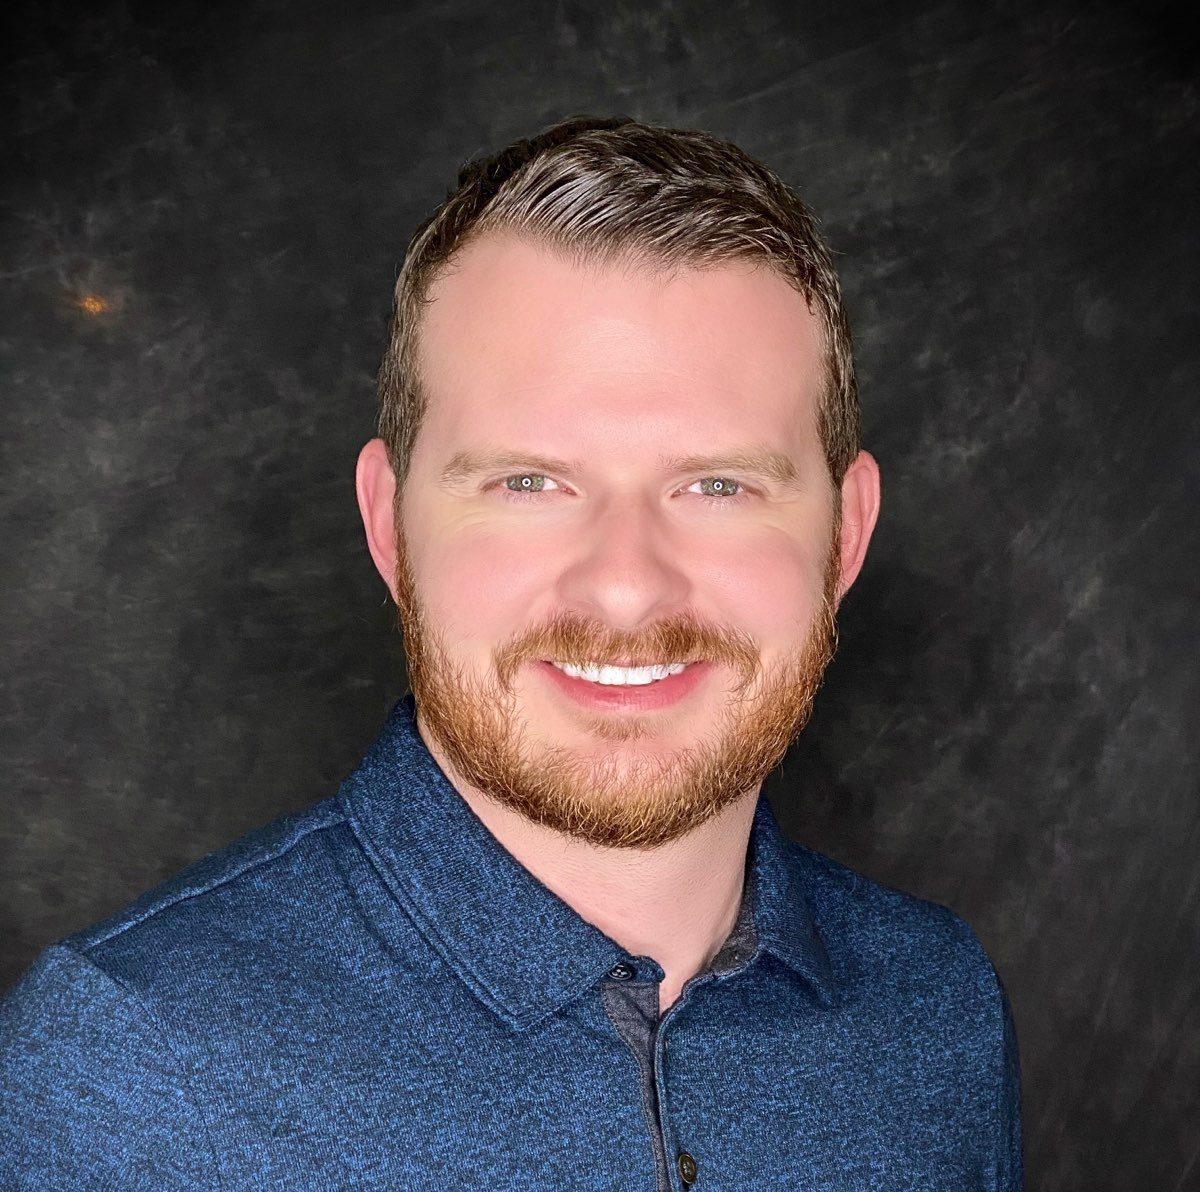 Matt Hirschinger